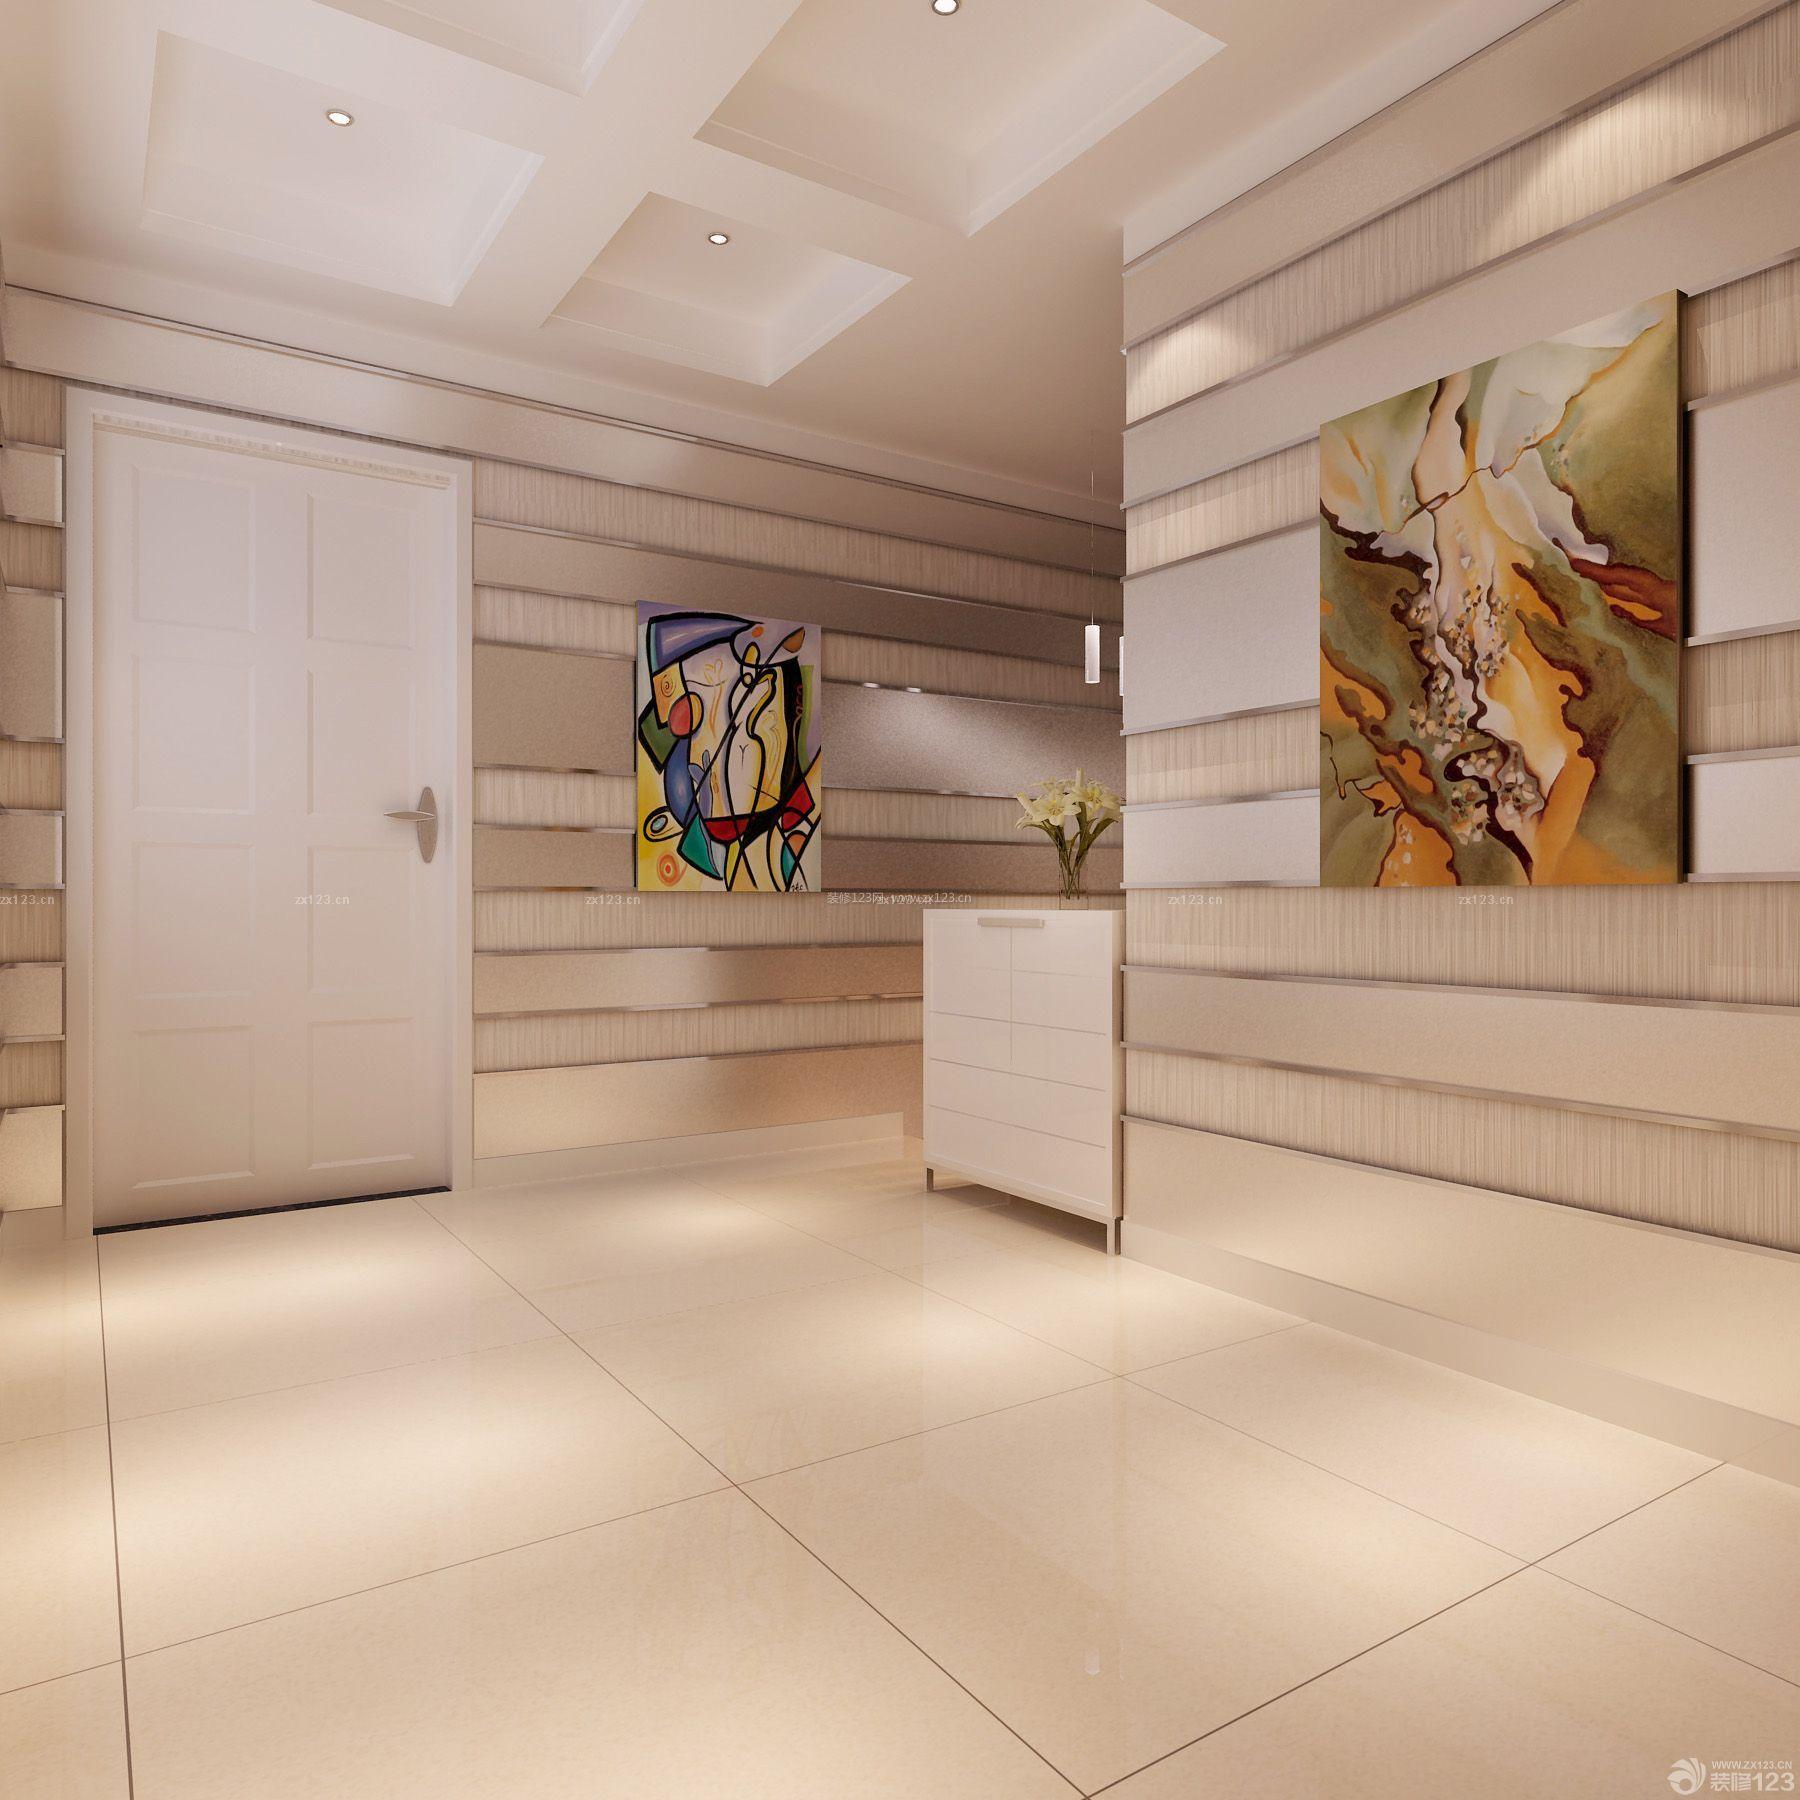 室内过道吊顶造型装饰设计效果图